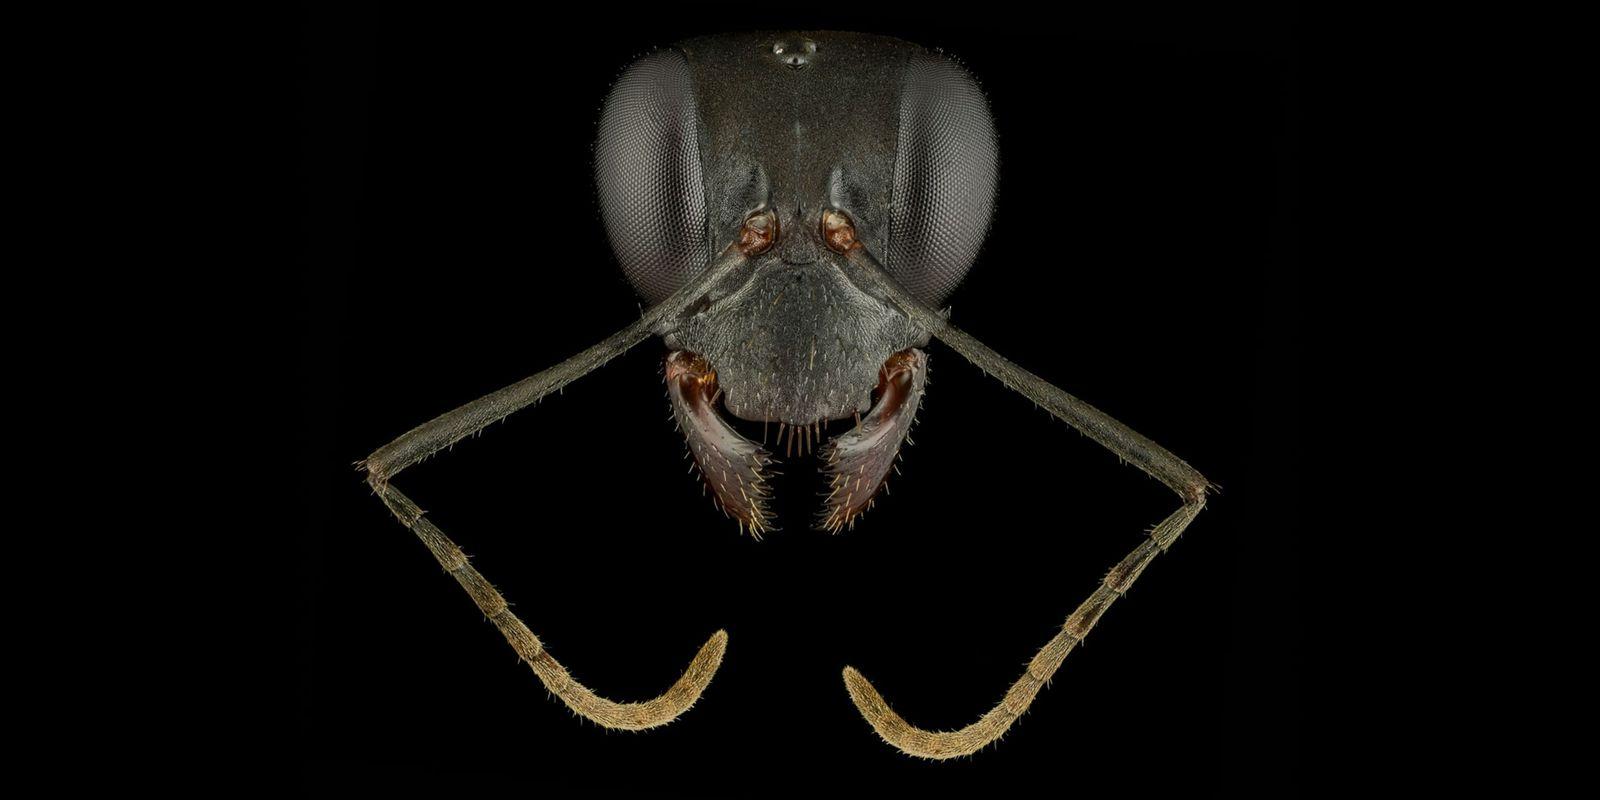 Los «retratos» de estas hormigas revelan lo diversas y hermosas que son